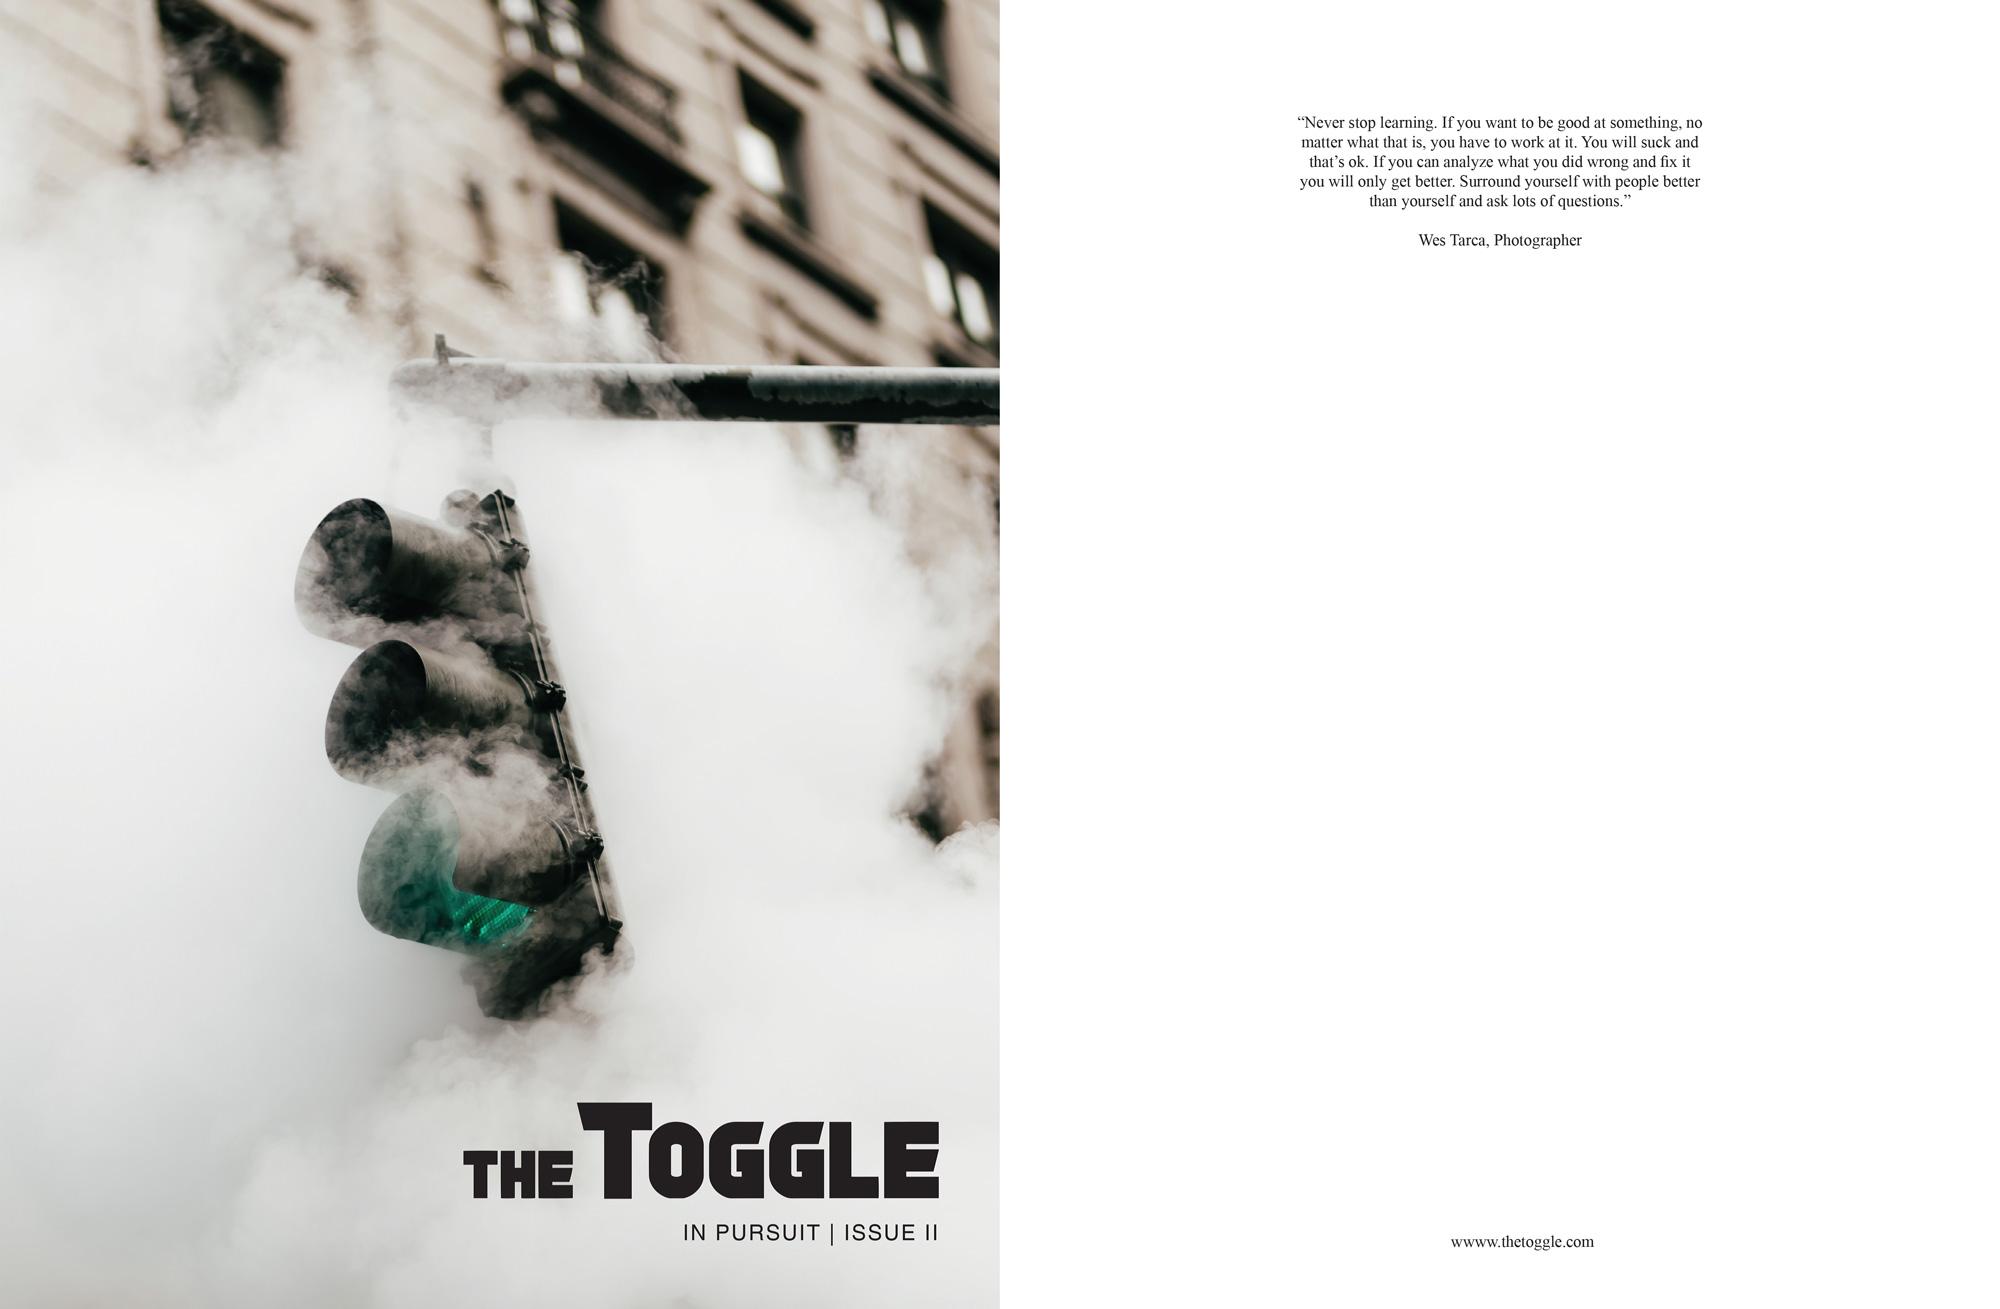 The Toggle Magazine, Issue II  the  t  oggle.com